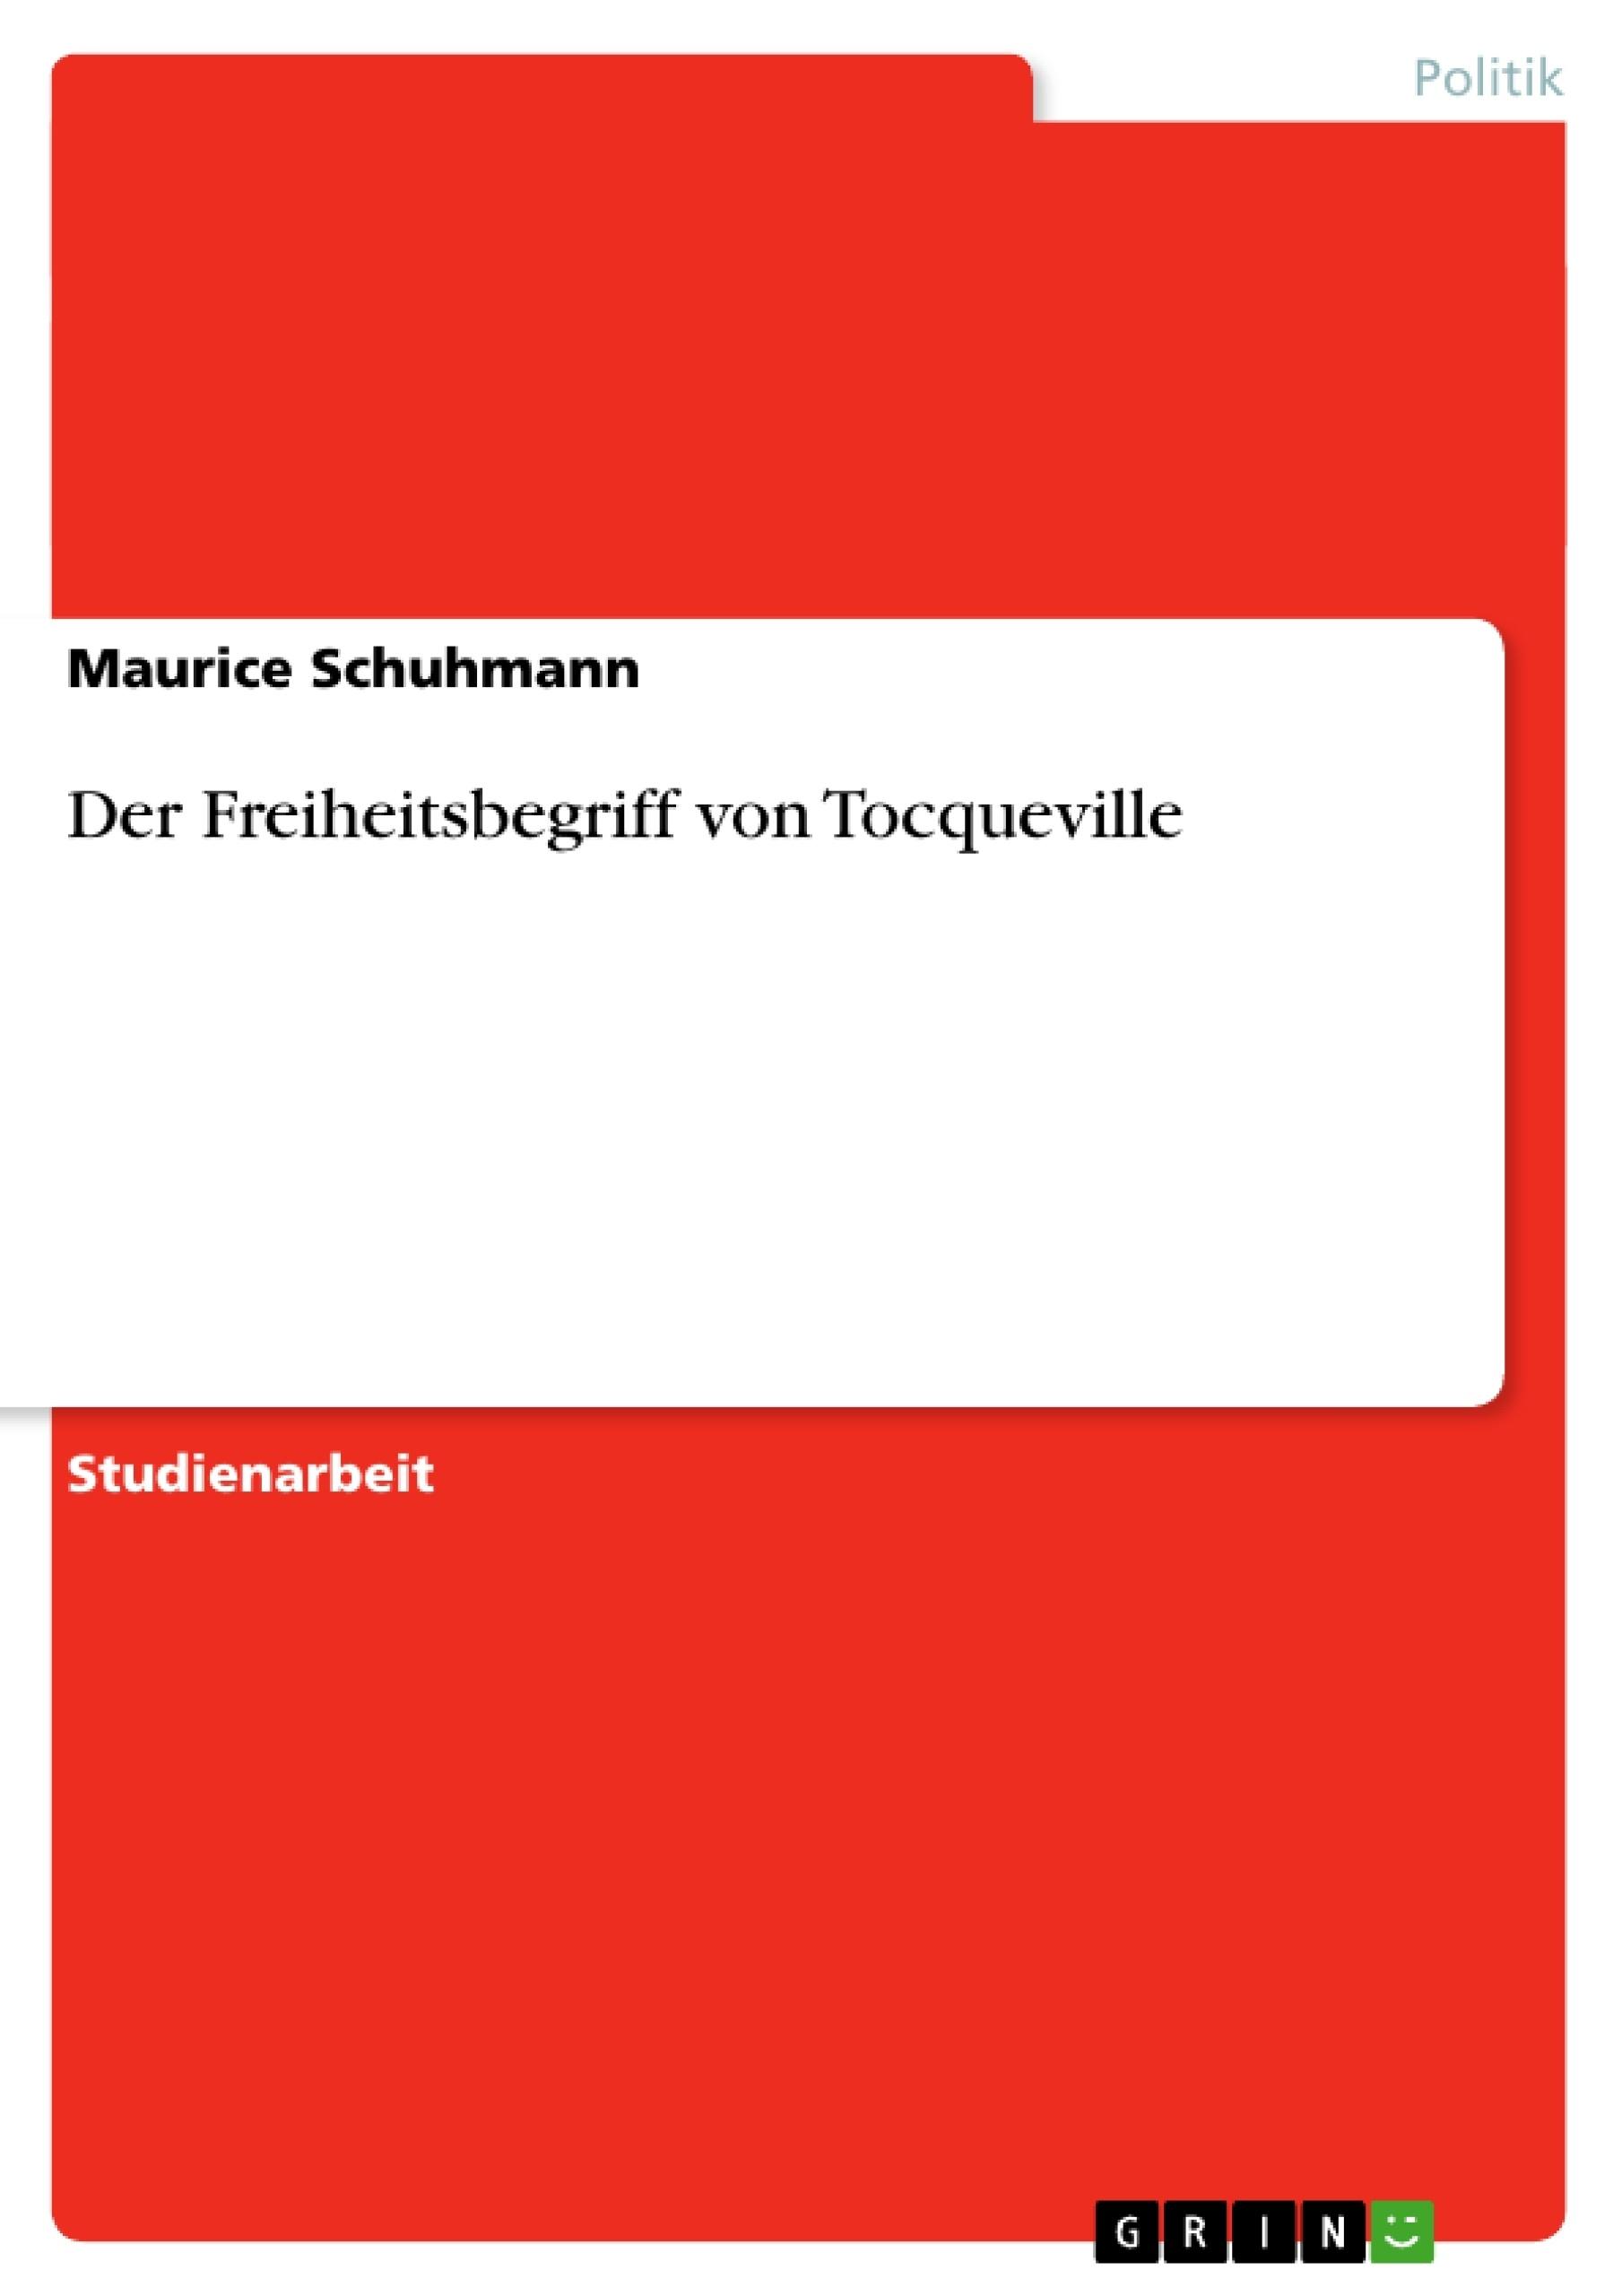 Titel: Der Freiheitsbegriff von Tocqueville